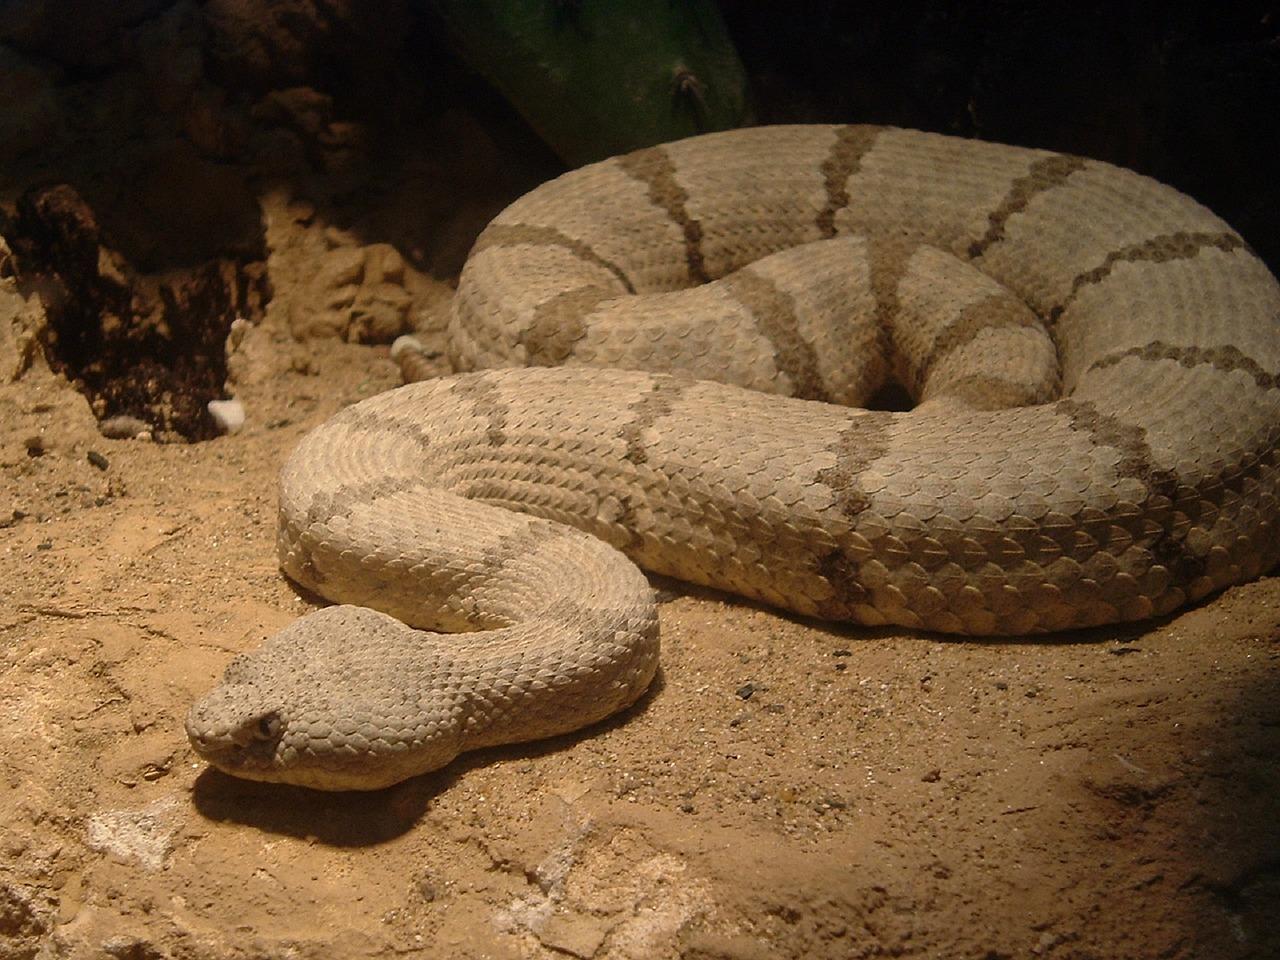 Wyjątkowy wąż czyli grzechotnik diamentowy